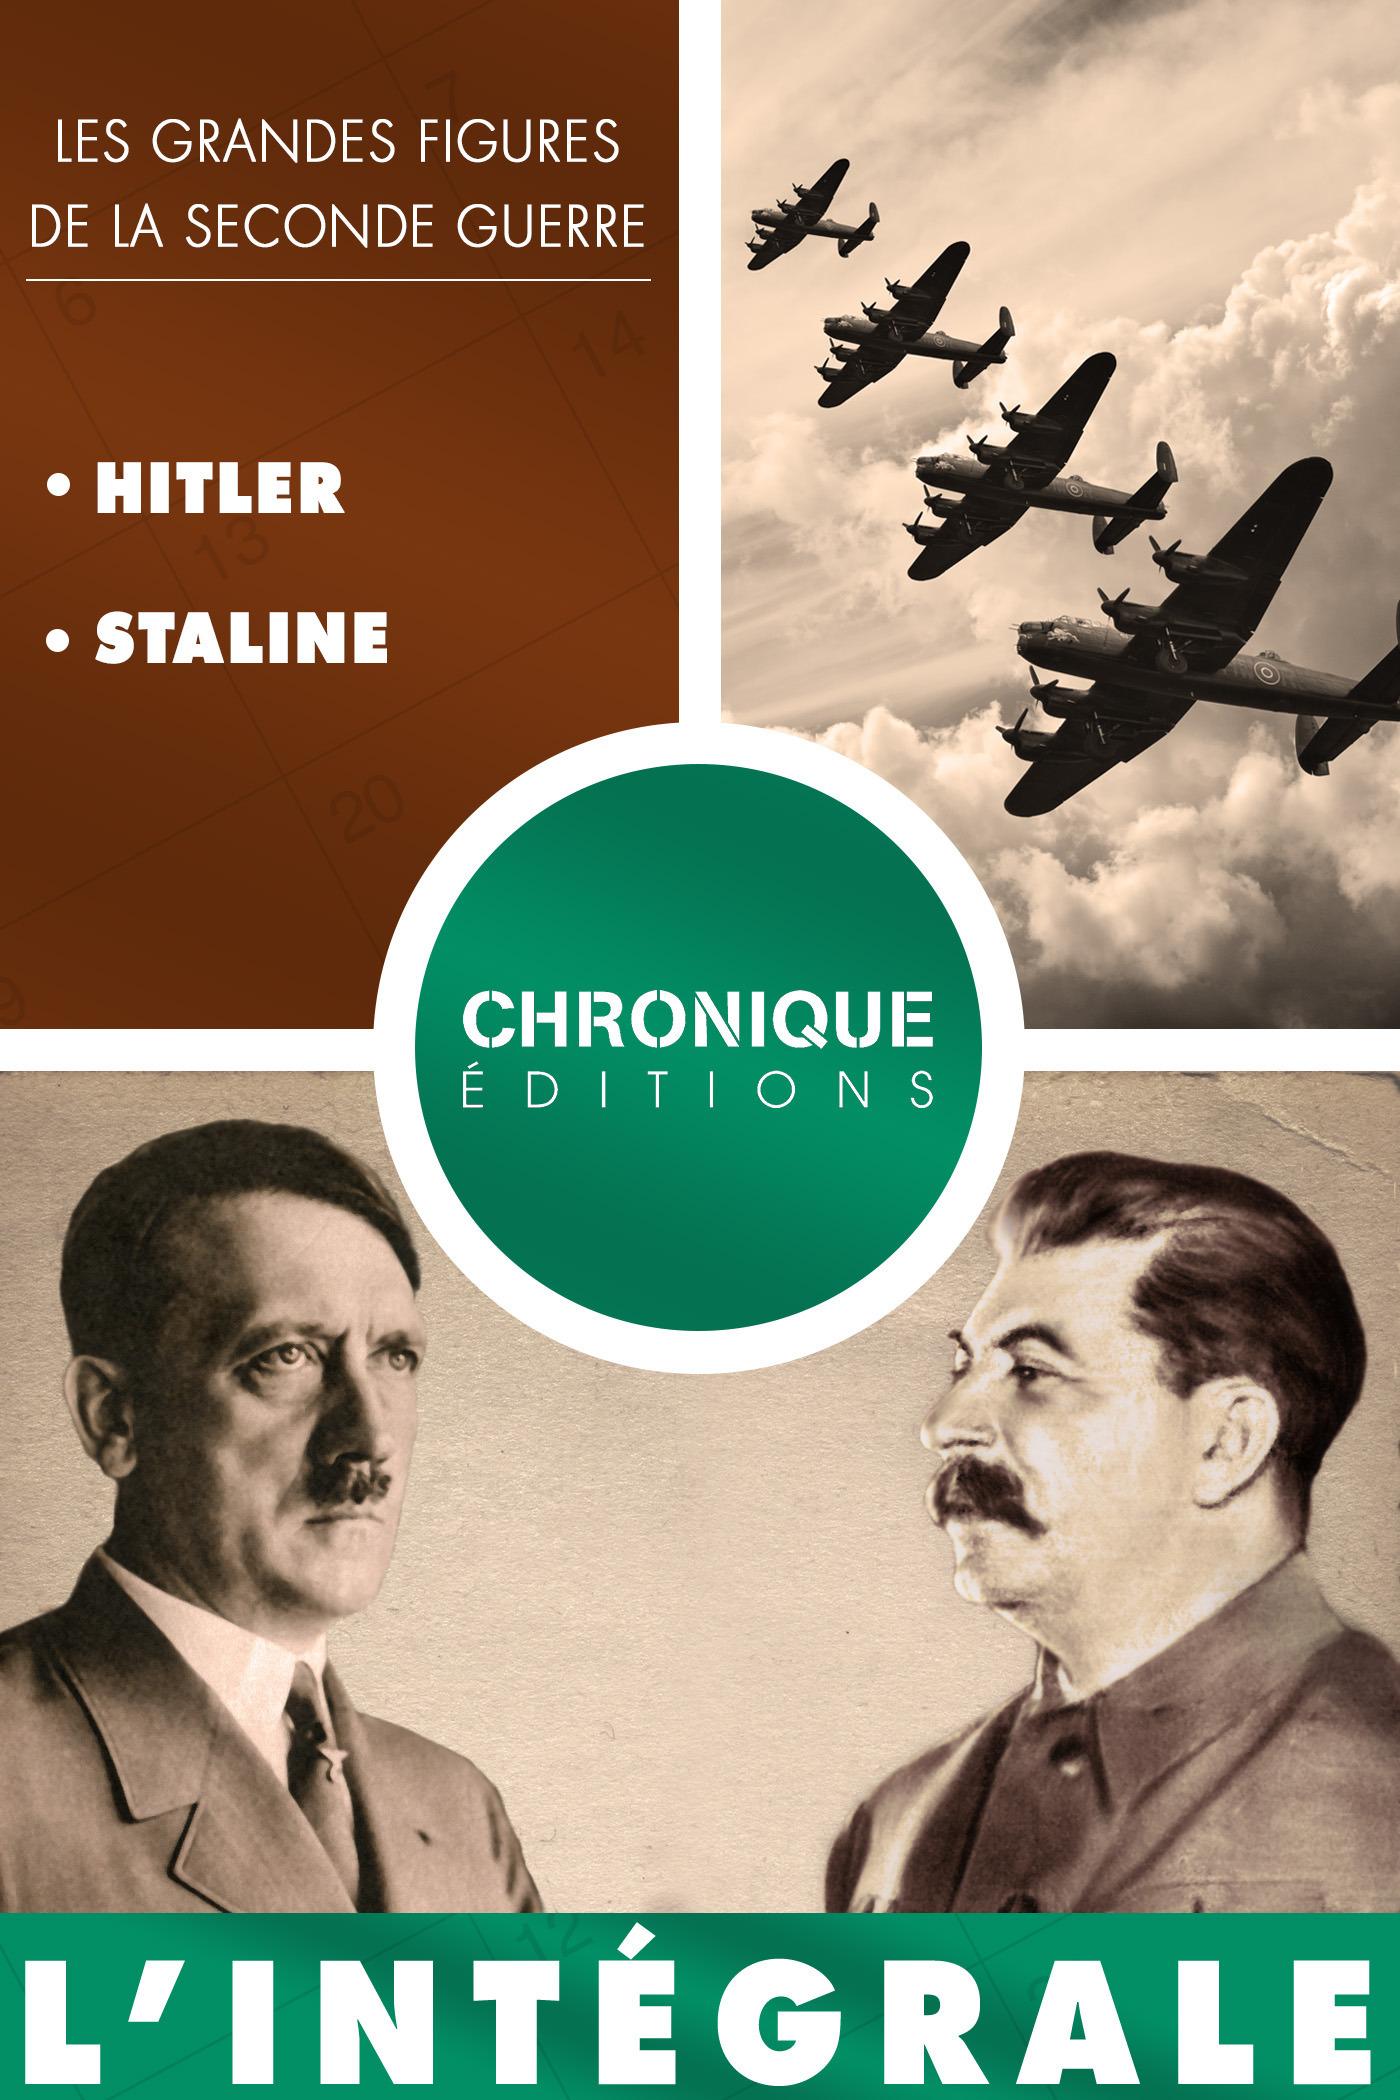 L'intégrale des grandes figures de la seconde guerre t.1 ; Hitler et Staline